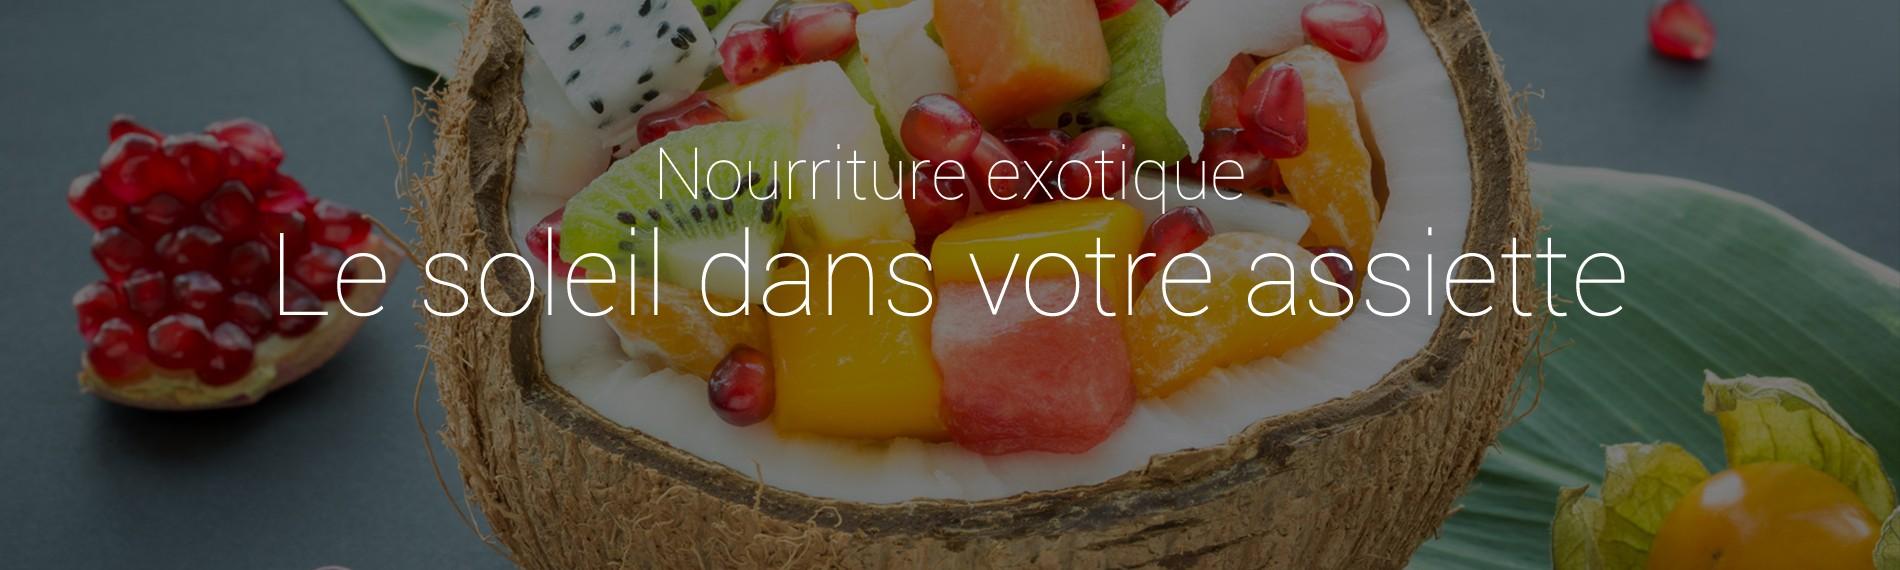 Nourriture exotique - Le soleil dans votre assiette